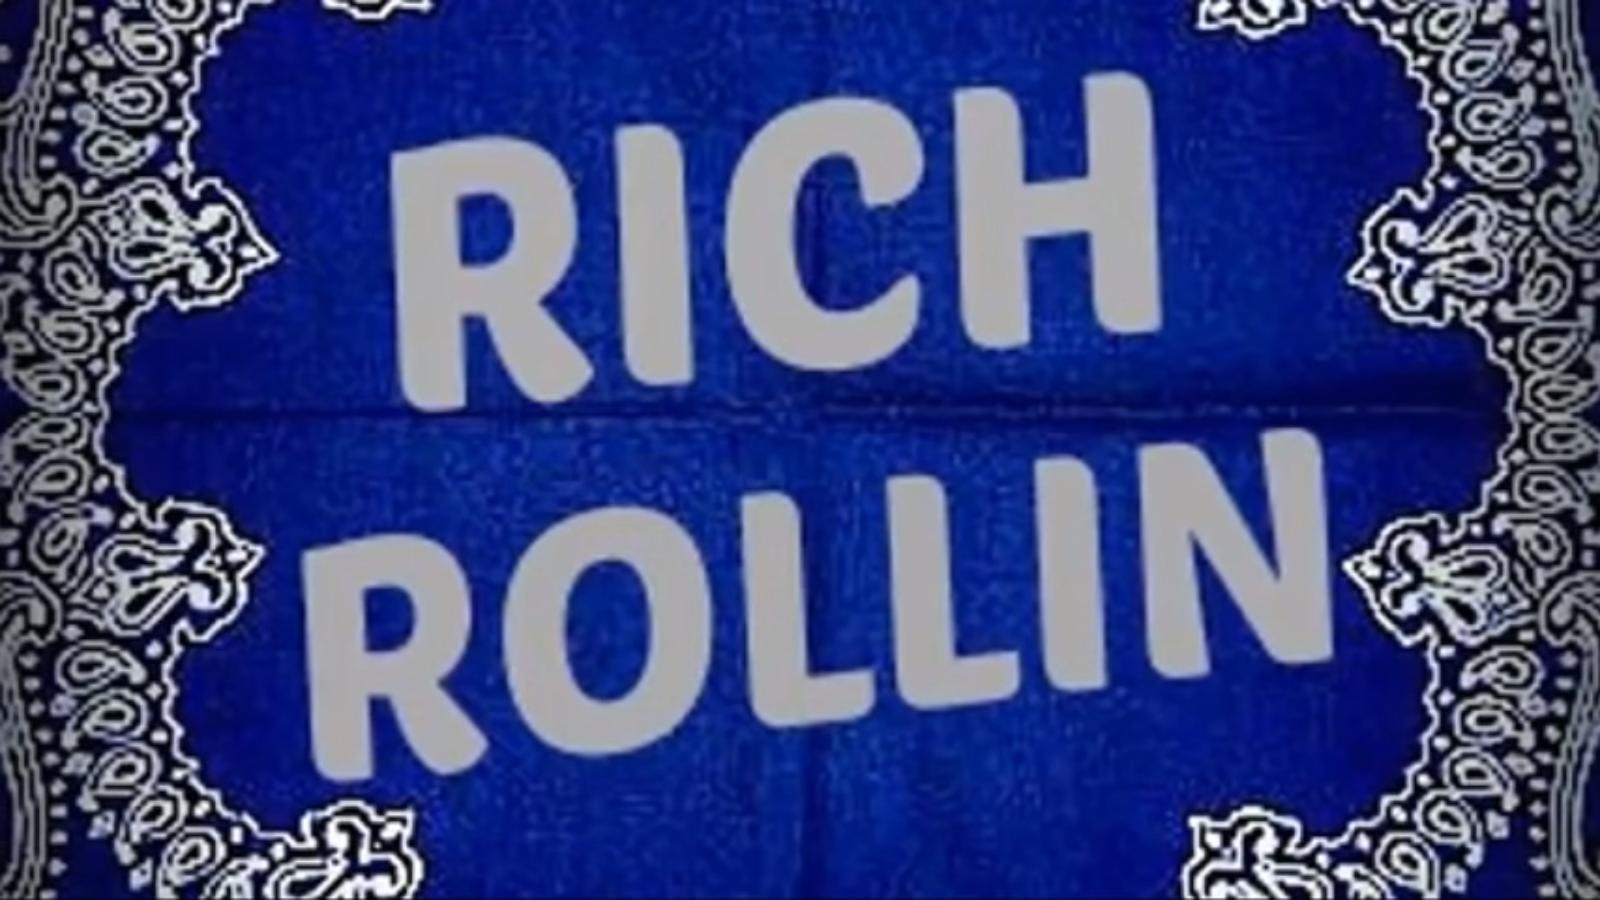 Rich Rollin Print Keyword Data - Related Rich Rollin Print